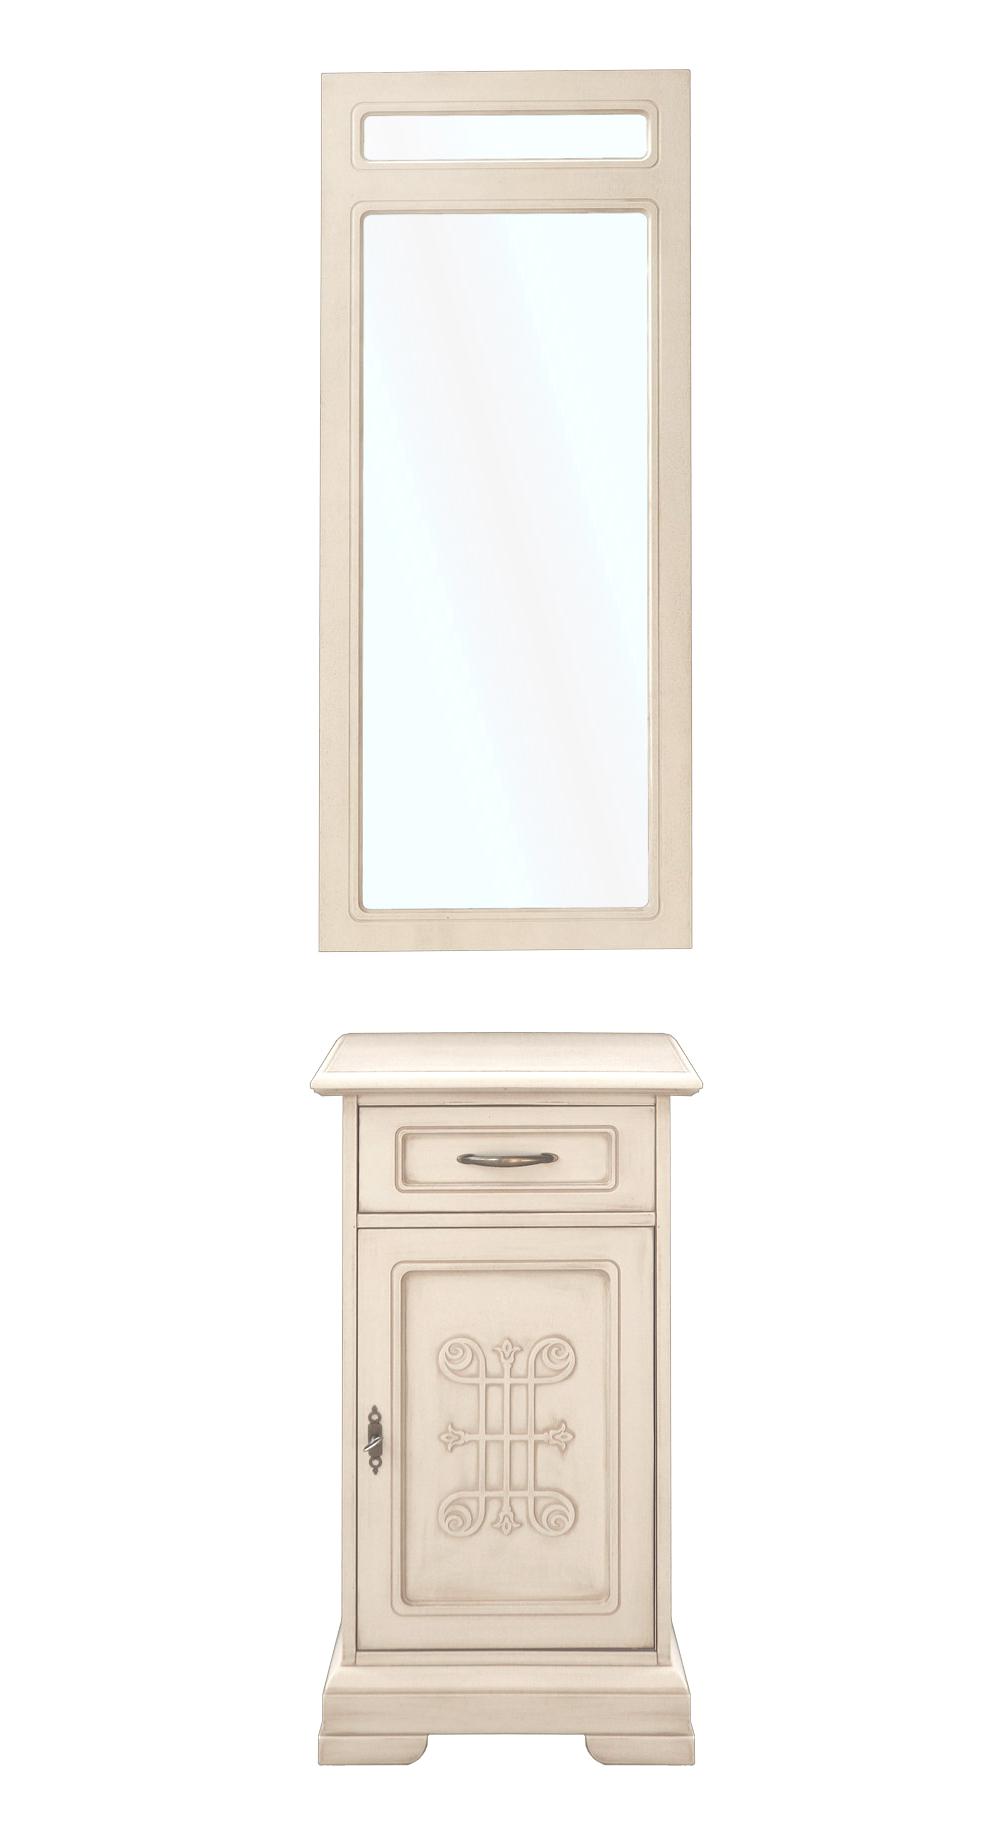 PROMO ! Ensemble meubles pour entrée - Meuble + miroir